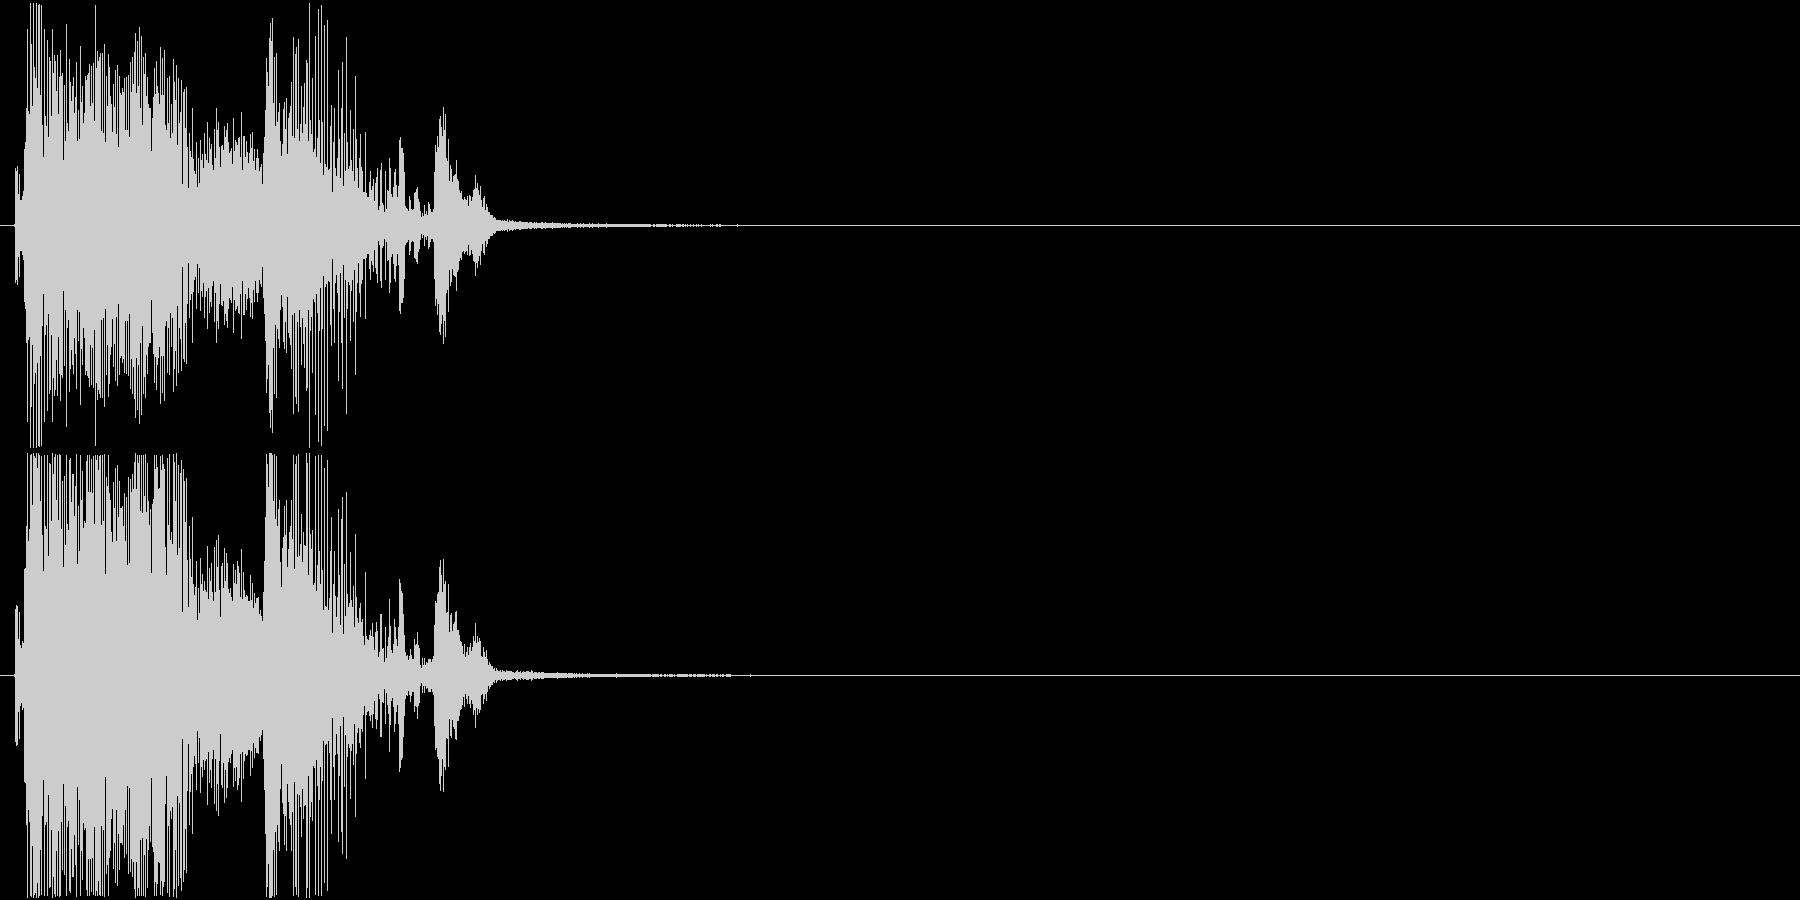 「パーフェクト」ゲーム・アプリ用1の未再生の波形